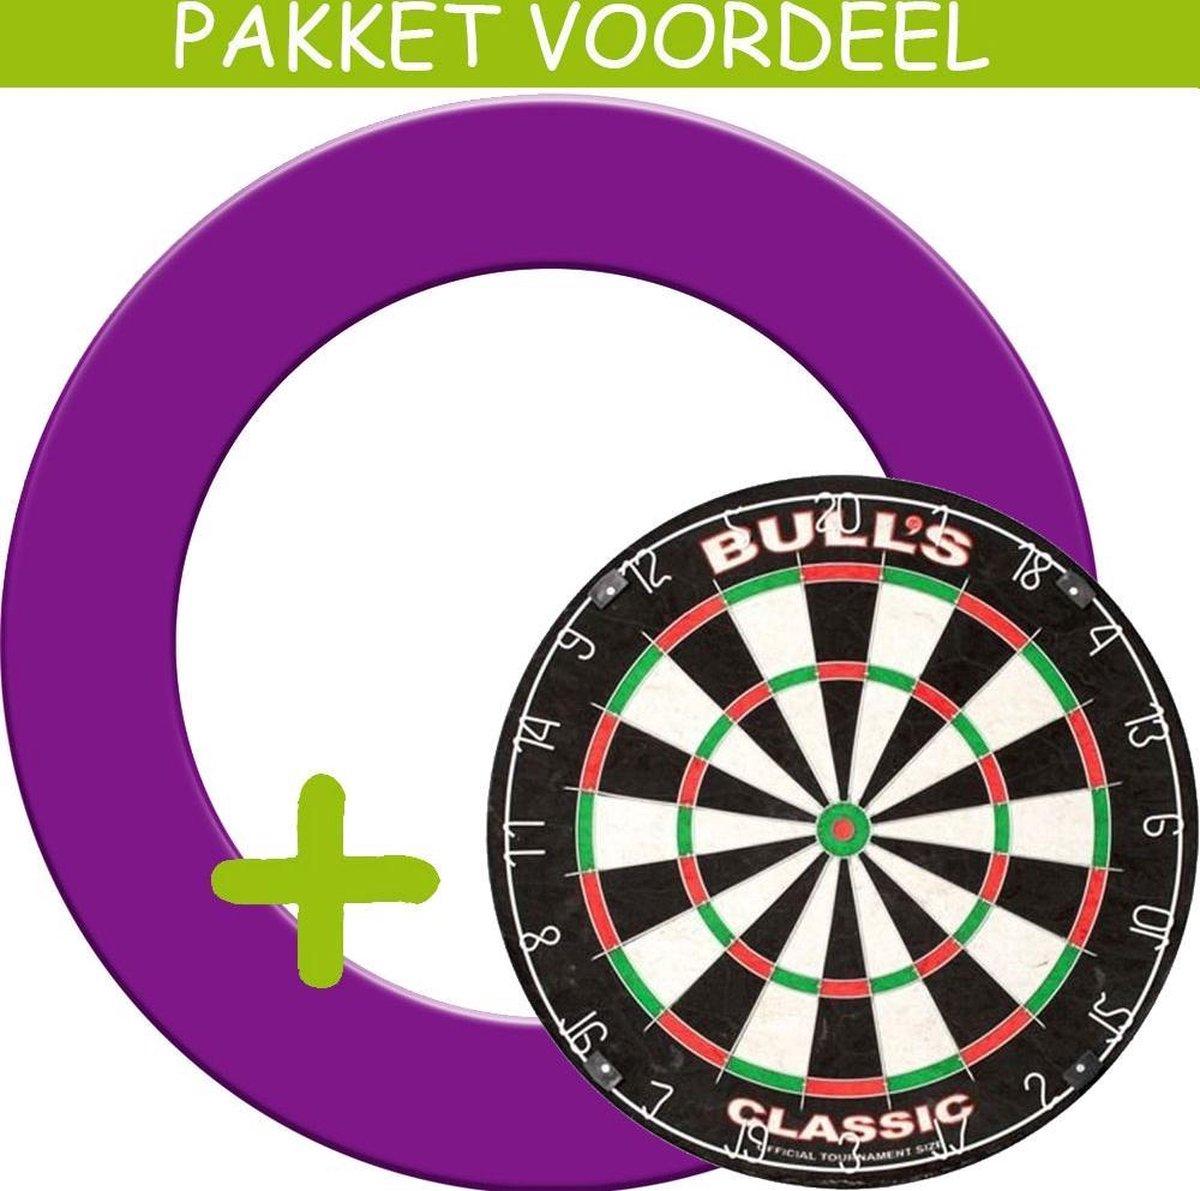 Dartbord Surround VoordeelPakket - Bulls Classic - Rubberen Surround-- (Paars)